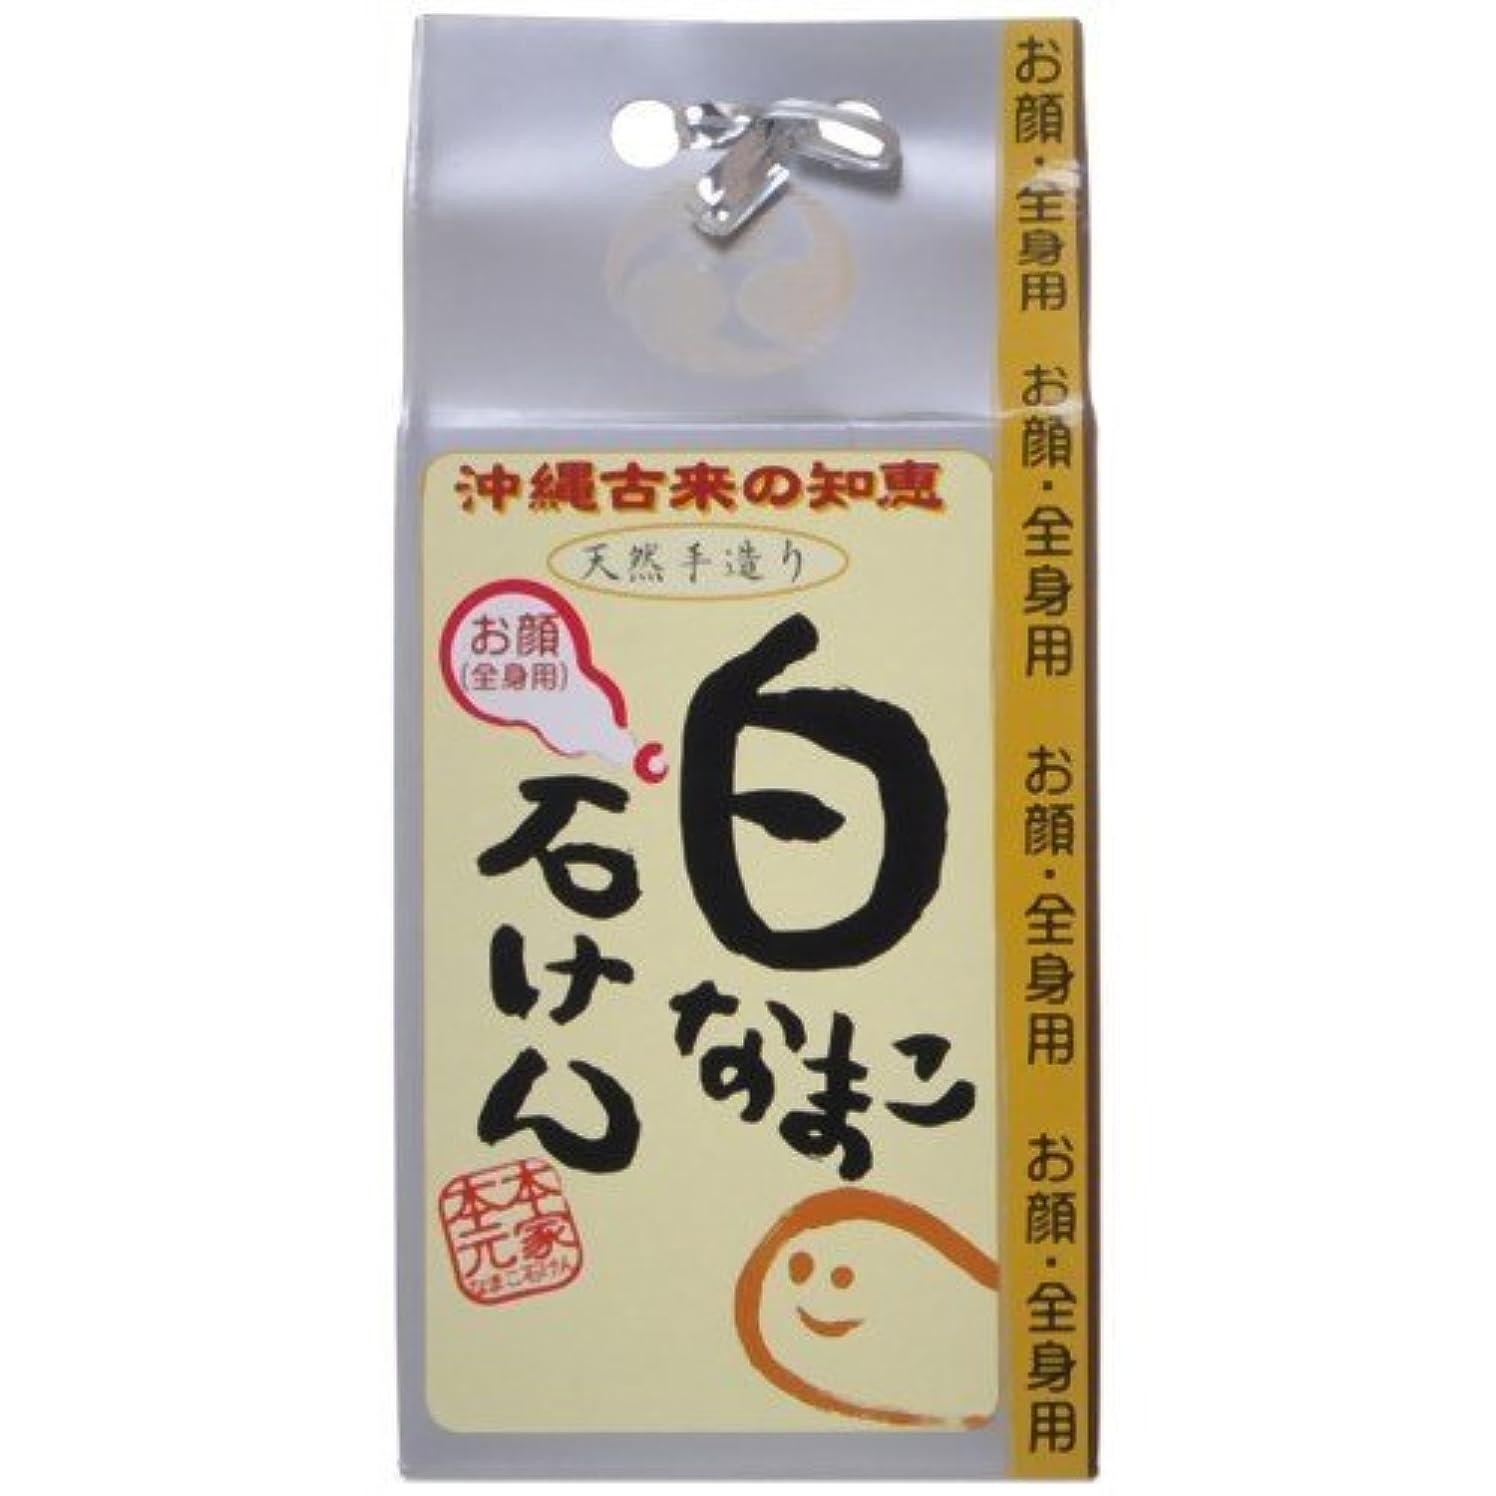 幼児ガス種白なまこ石けん なまこ石鹸 (単体) 90g (お顔?全身用)